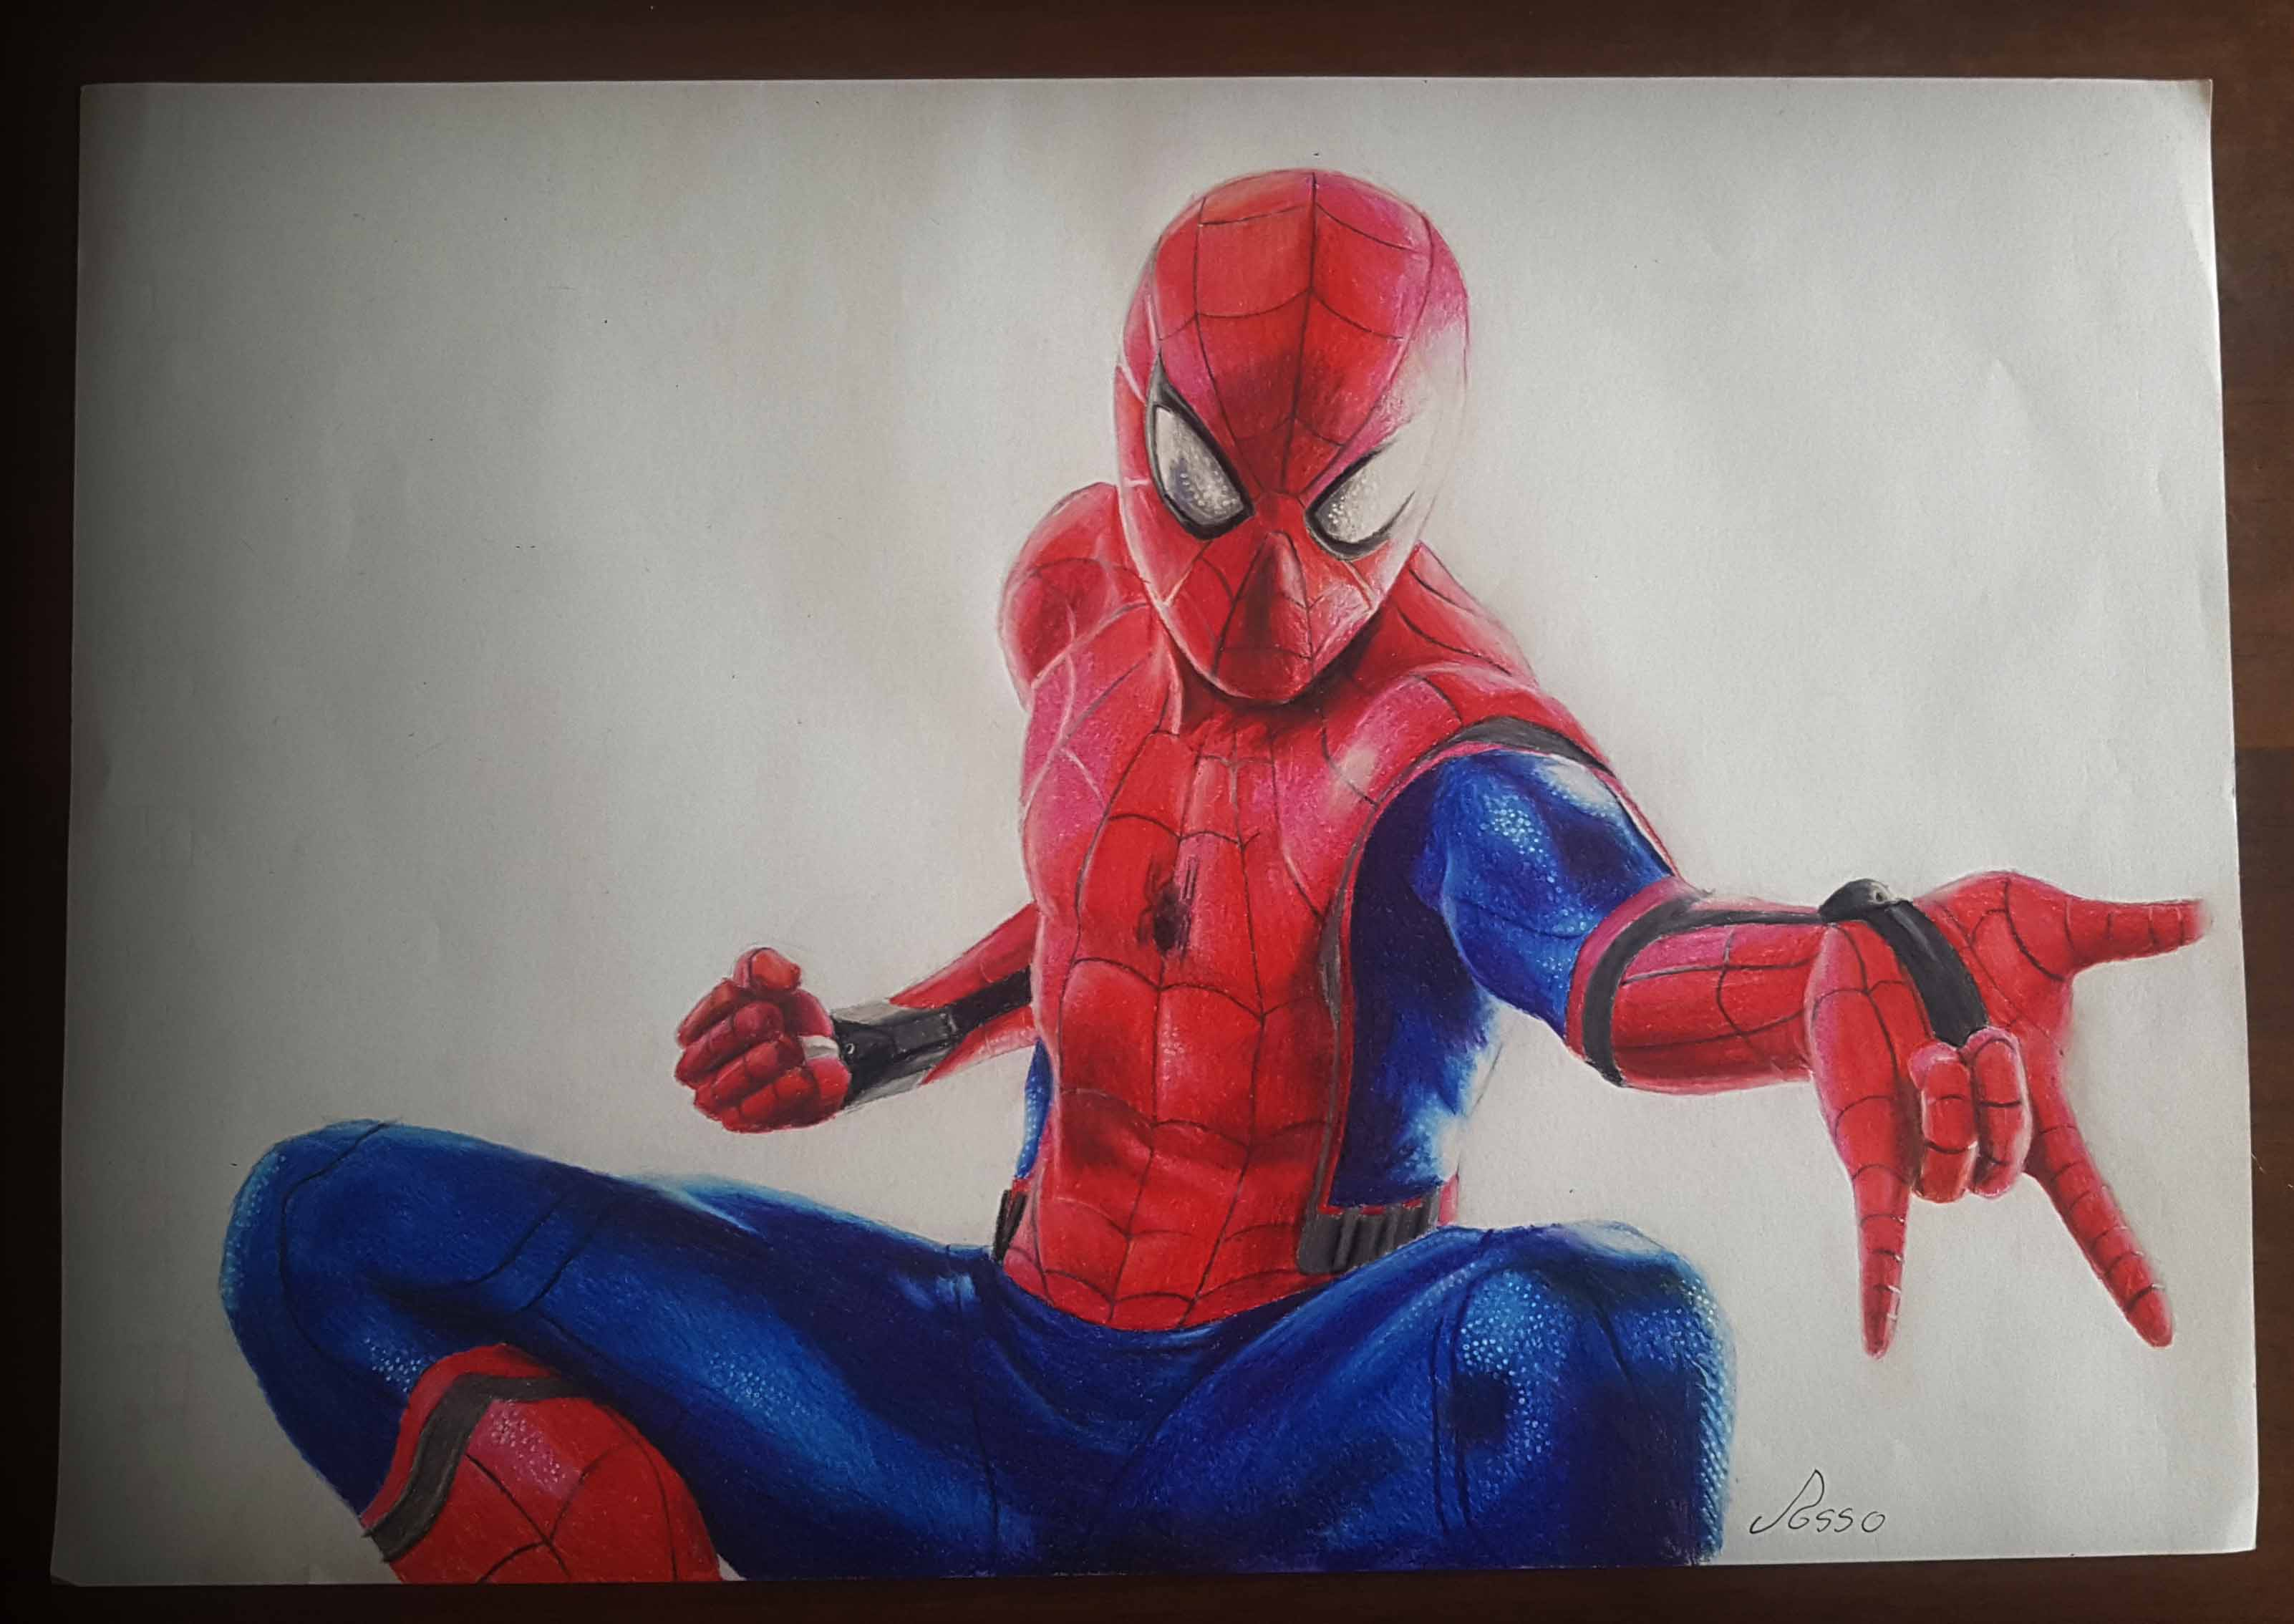 результаты картинки рисунки человек паук возвращение домой странное название